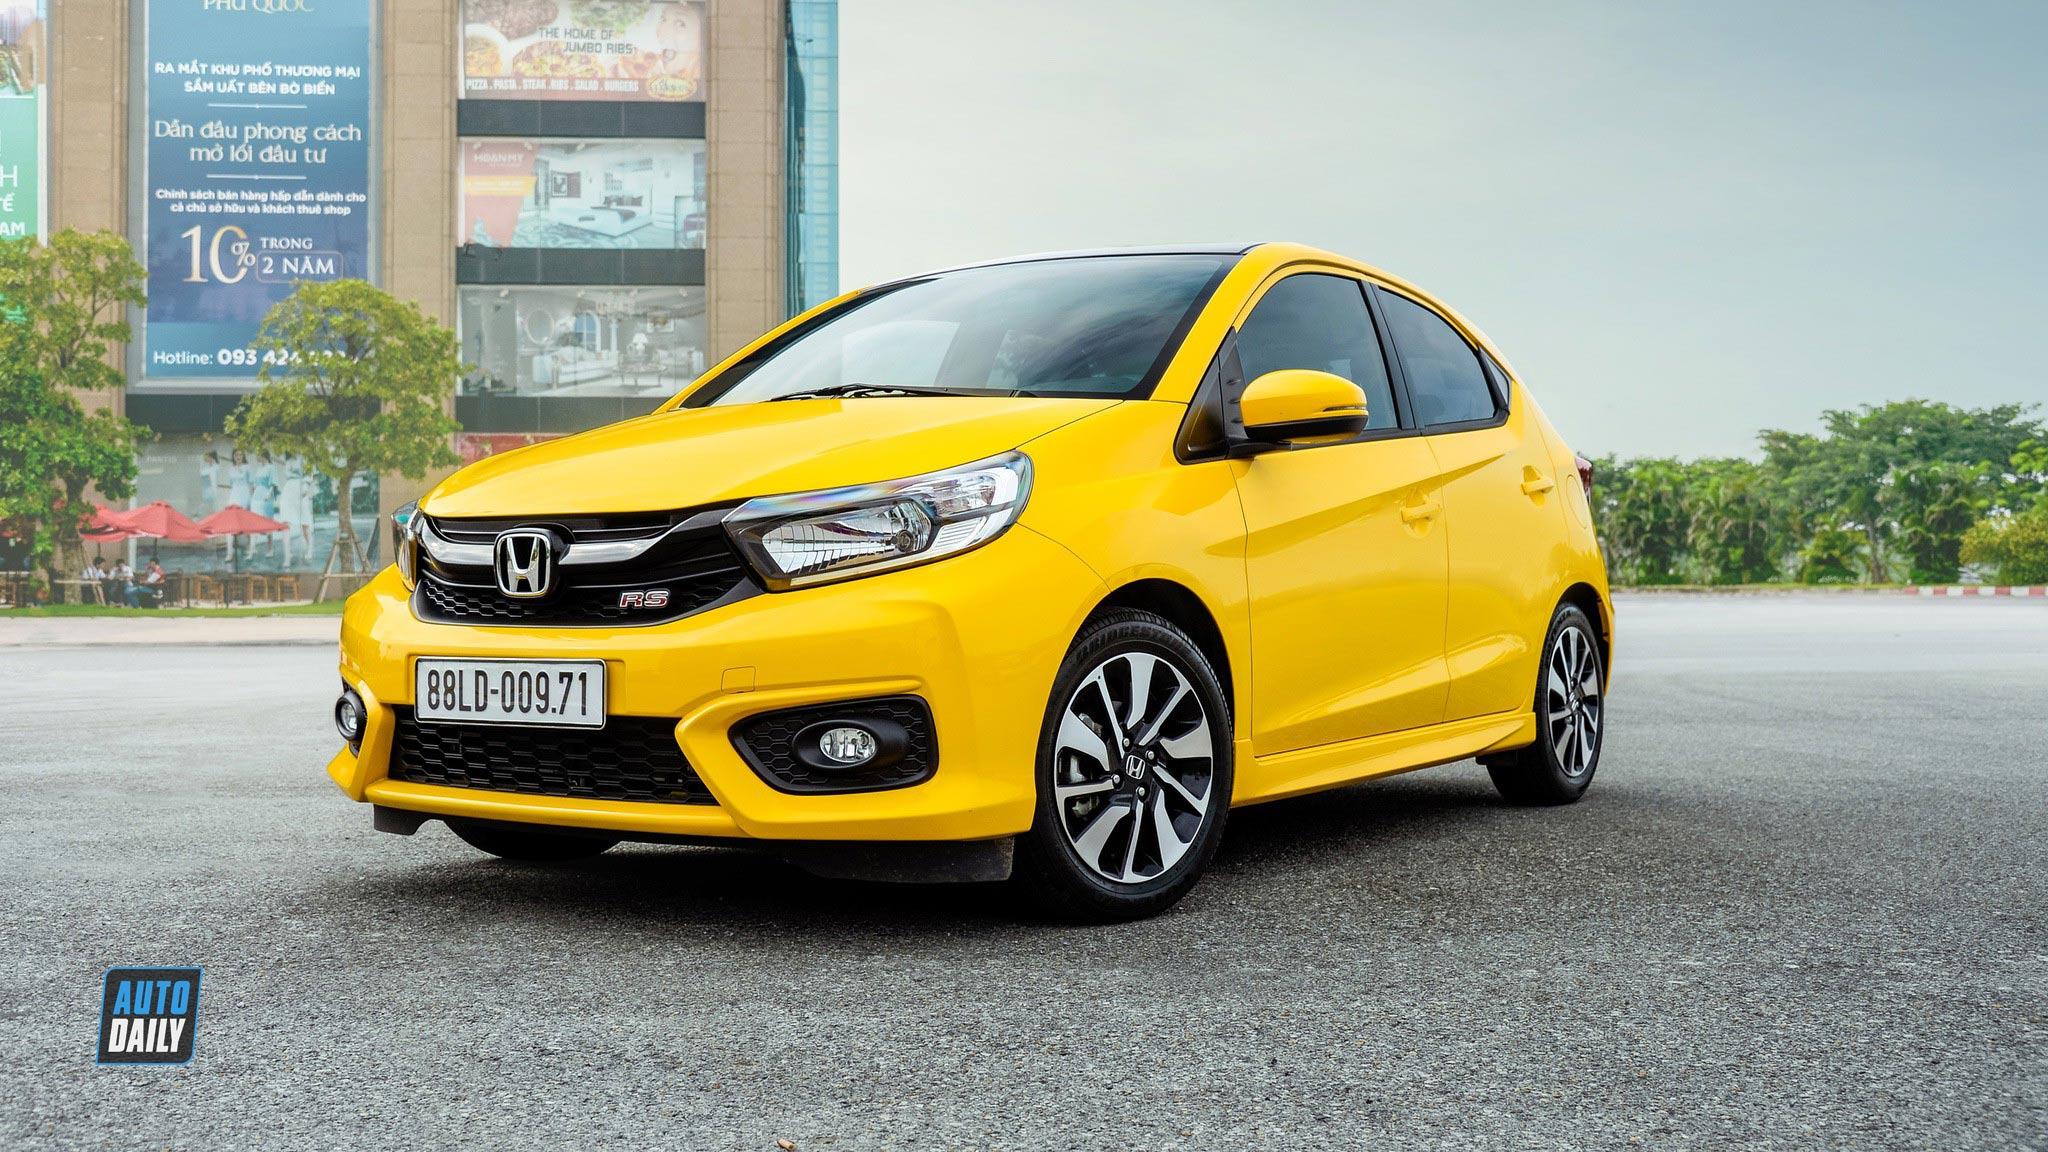 Giá xe Honda Brio 2020 màu vàng | Hotline: 0917 325 699